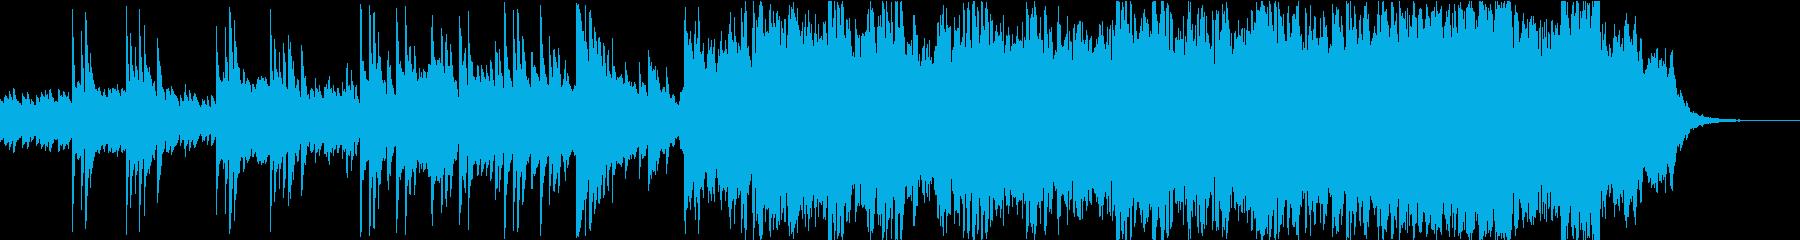 ピアノ アンビエント 水のせせらぎの再生済みの波形